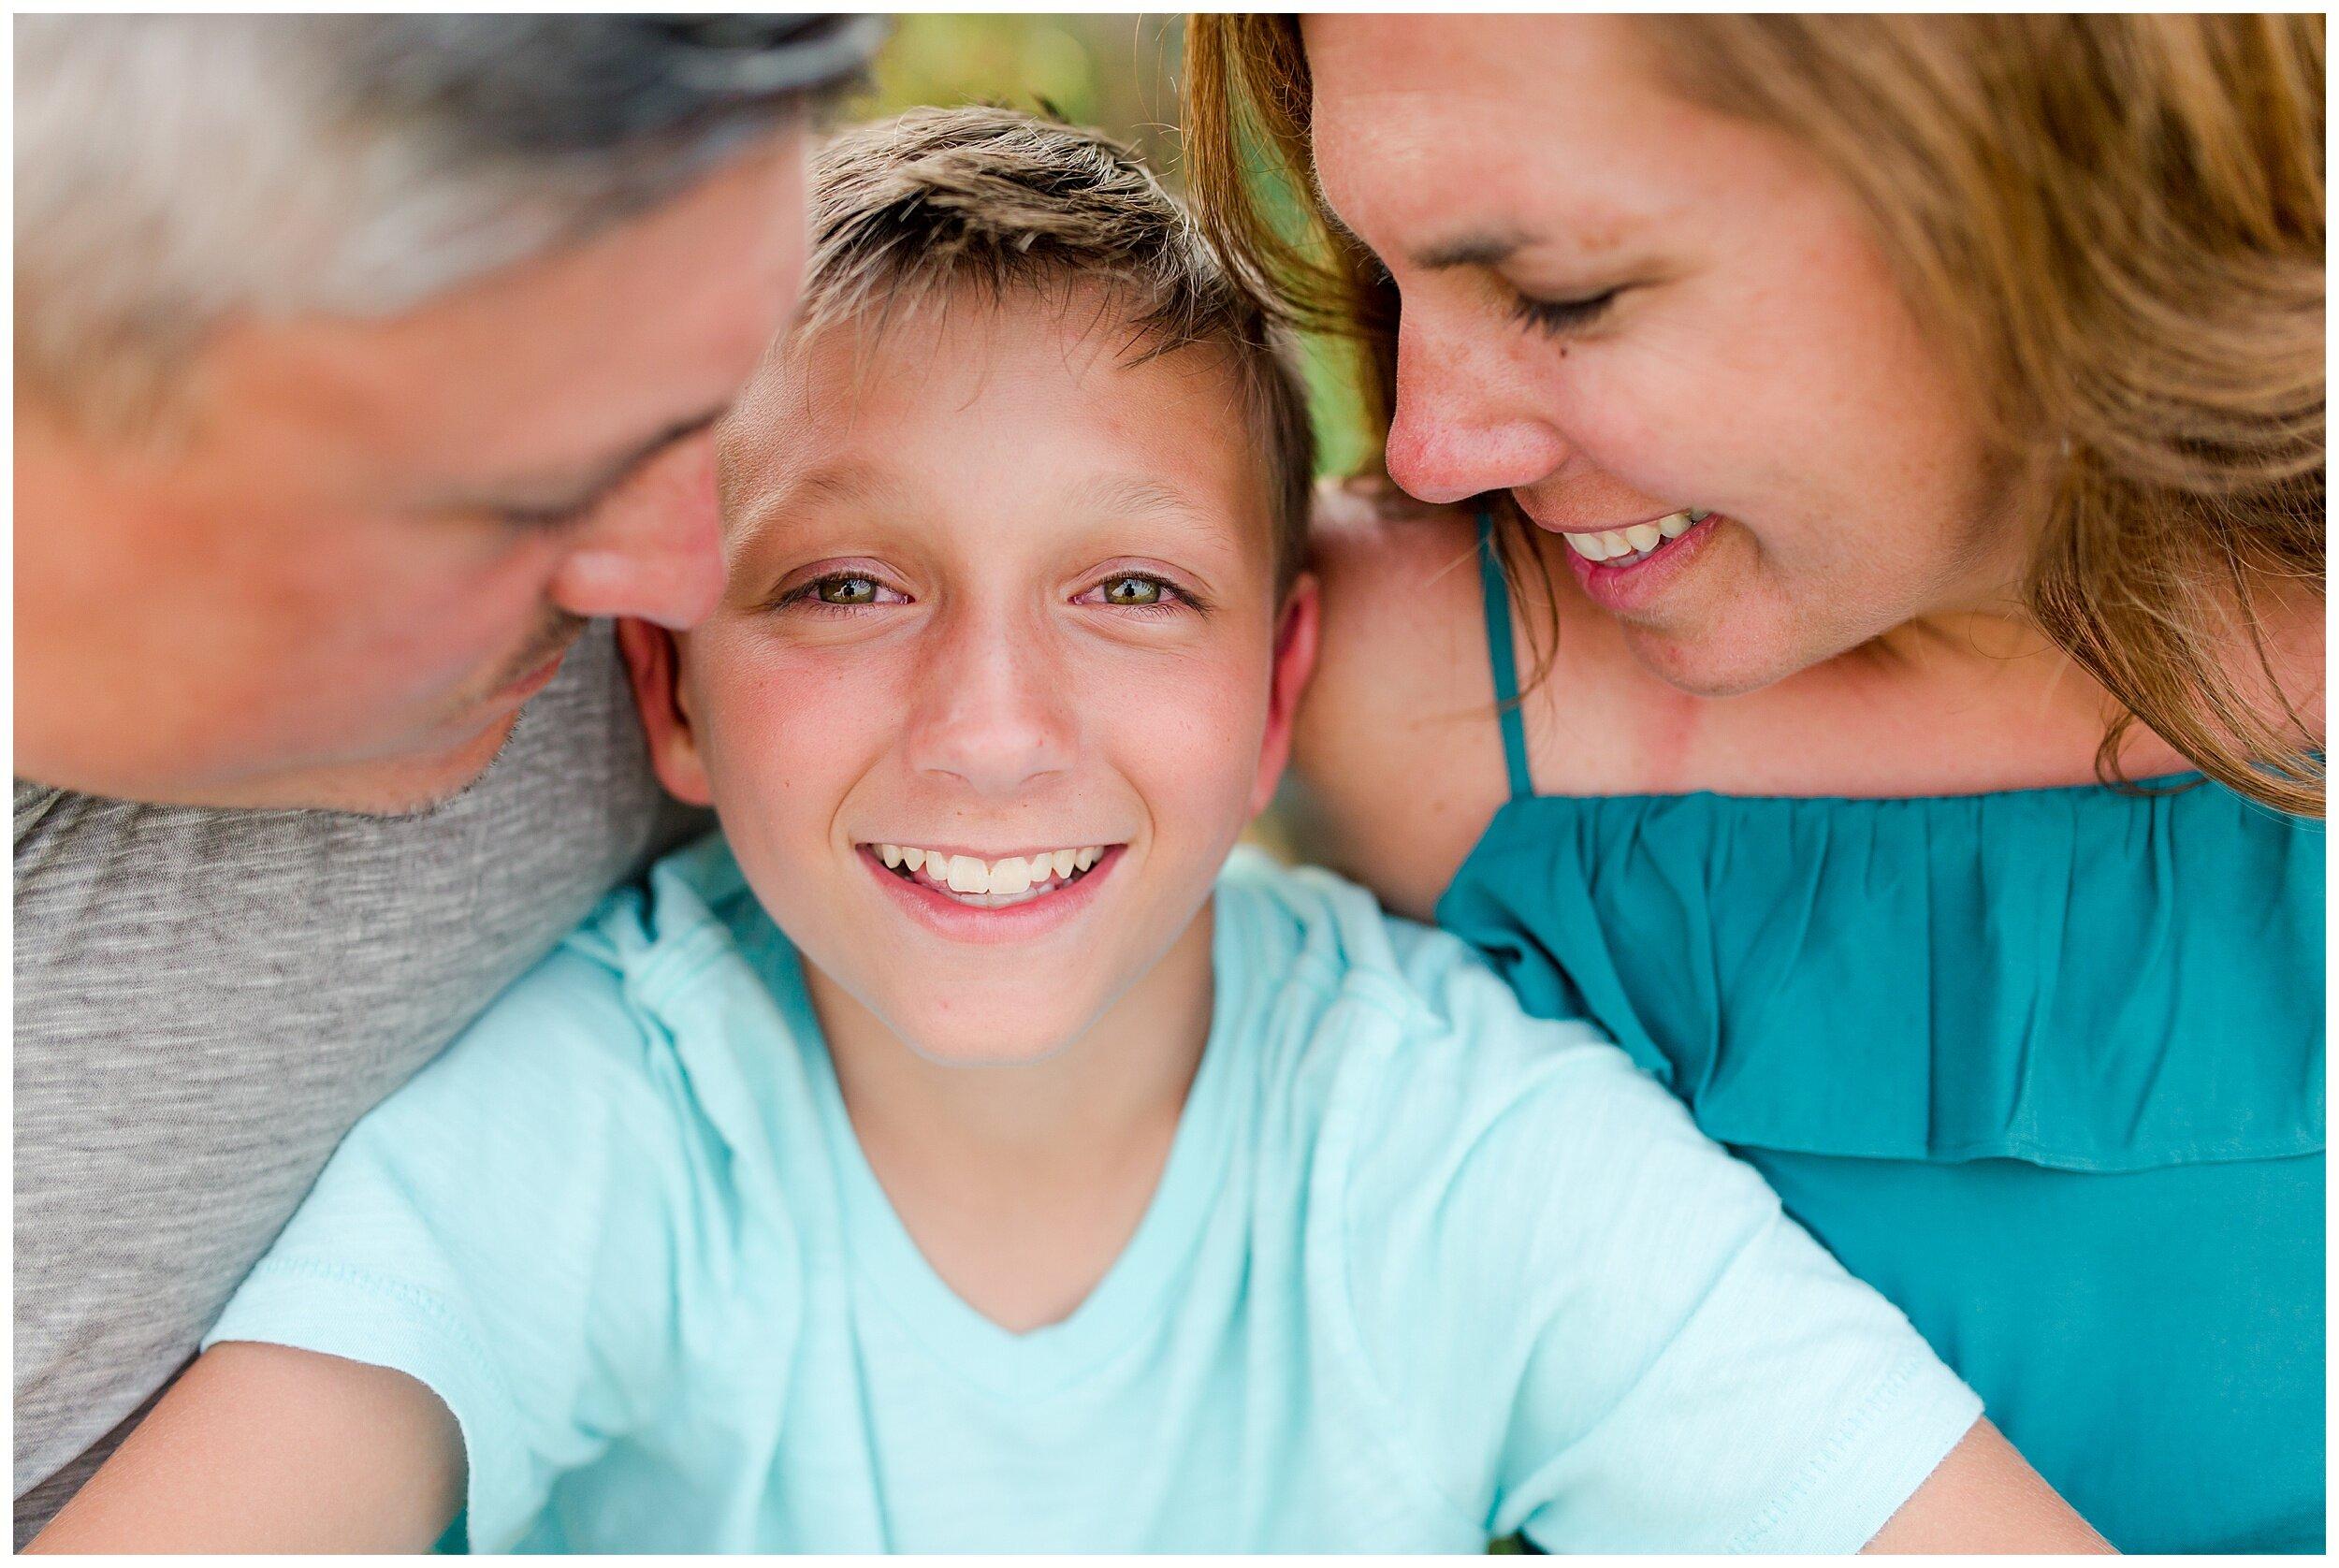 lexington-ky-family-lifestyle-photographer-priscilla-baierlein_1668.jpg